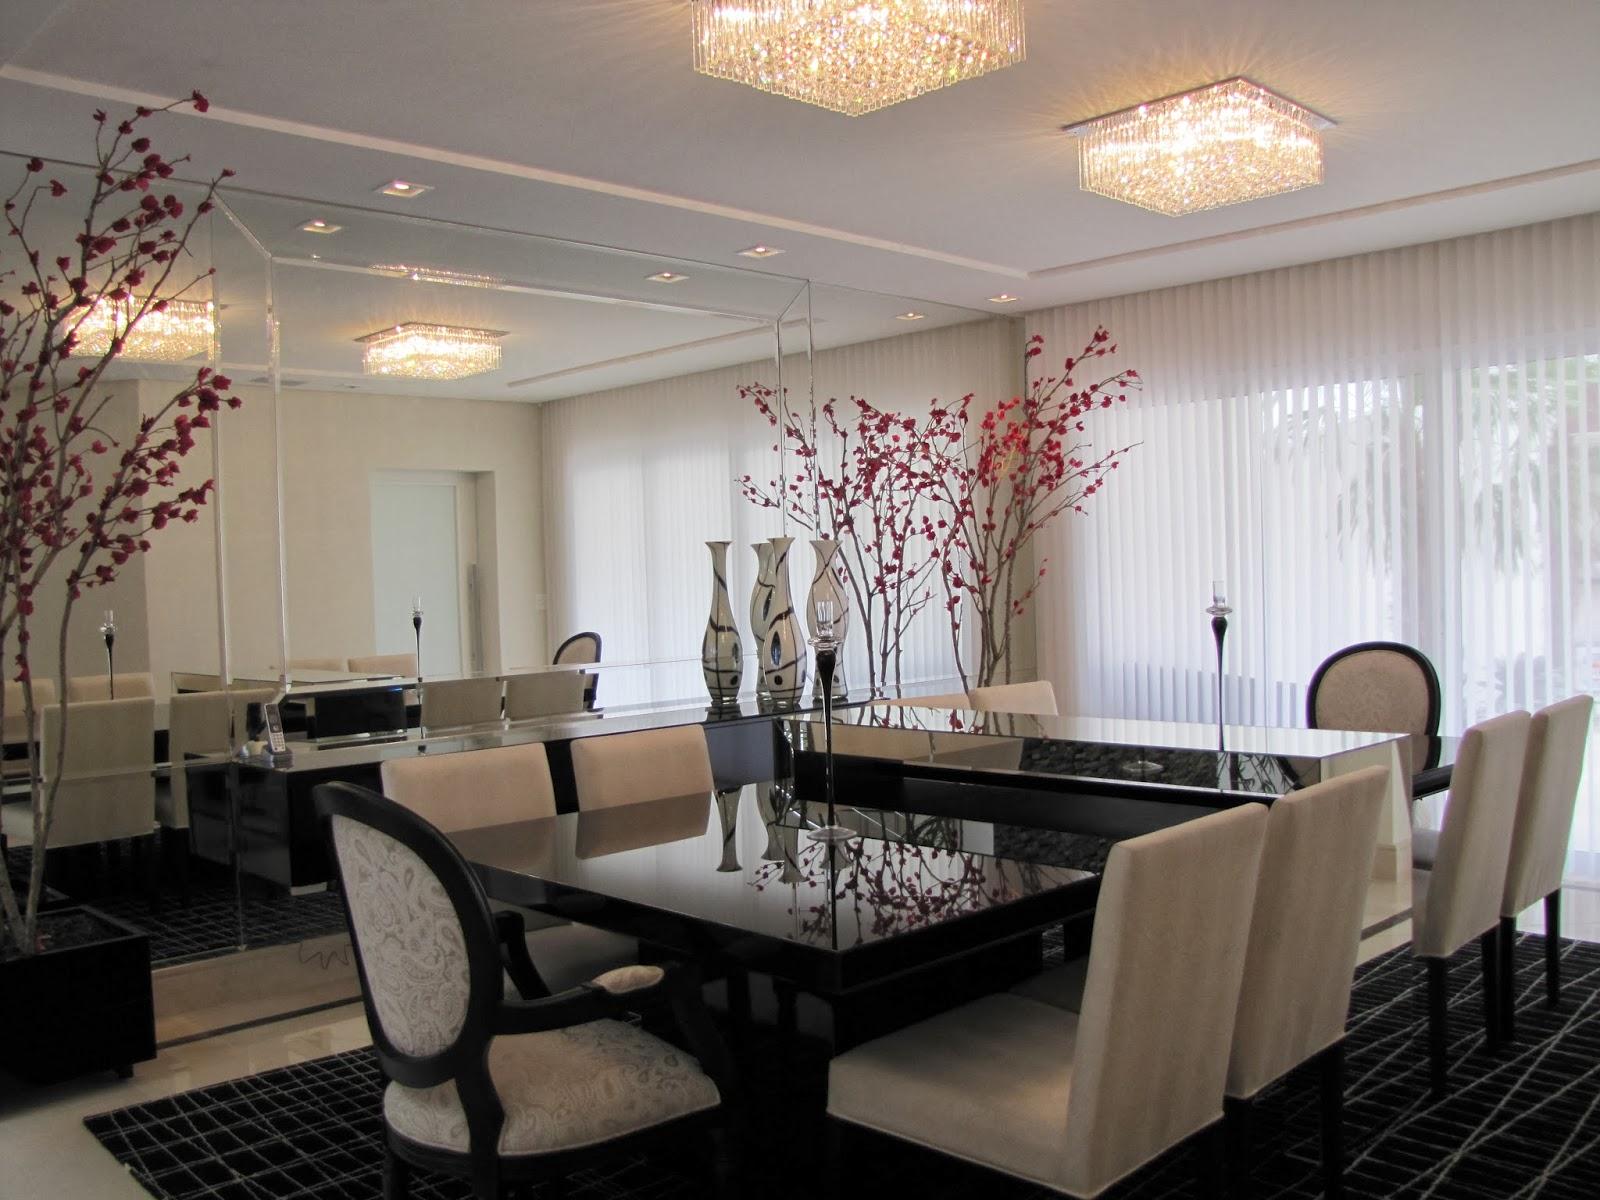 #836848 esta sala é linda perfeita salas de jantar com espelhos 1600x1200 píxeis em Decoração De Sala De Tv Com Espelhos